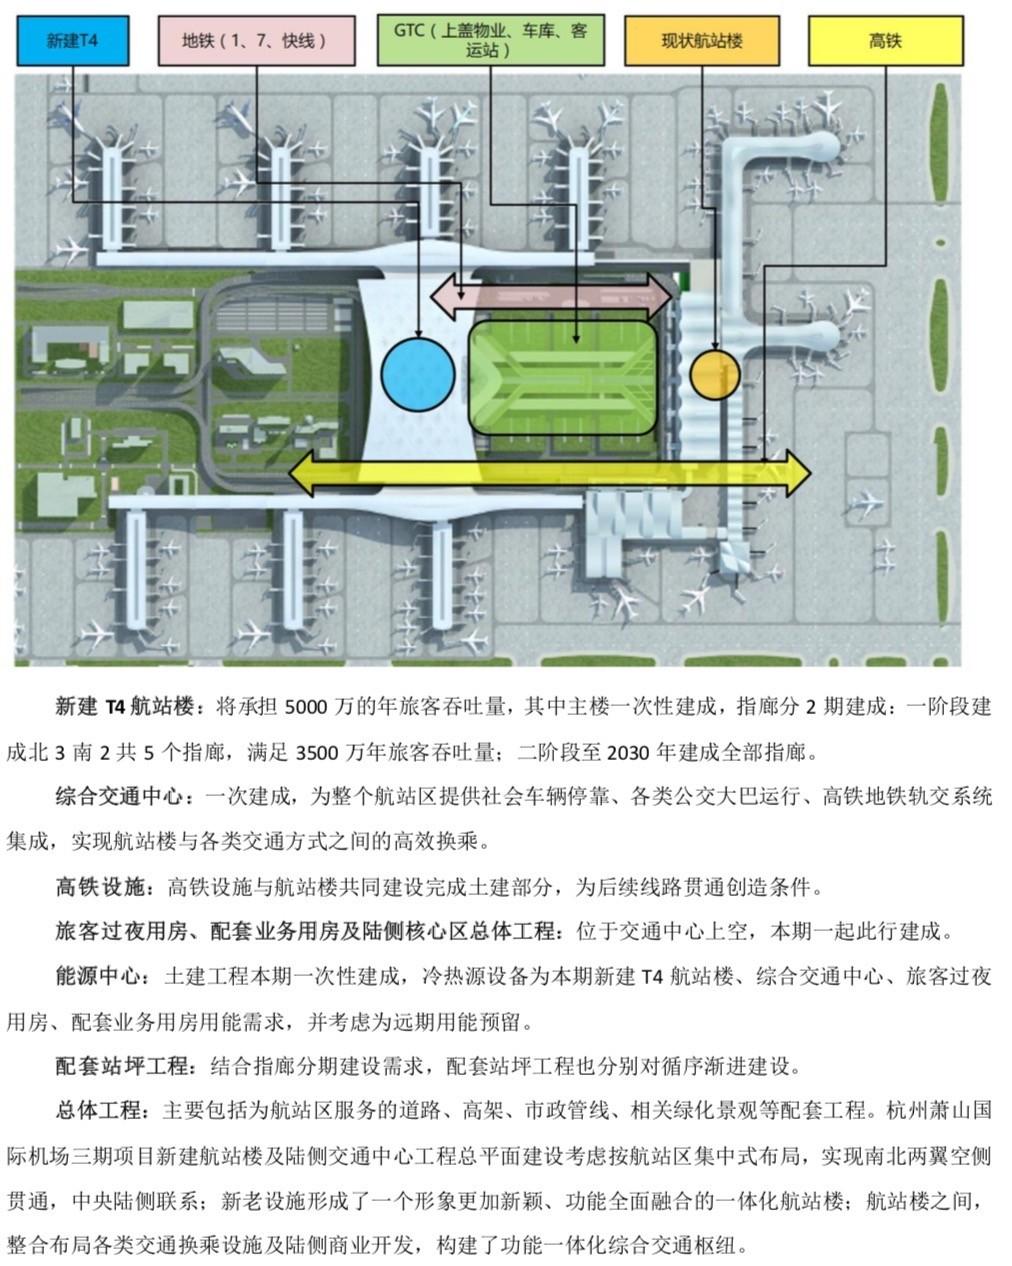 [新闻]杭州萧山机场t4结构图公布    中国杭州萧山国际机场